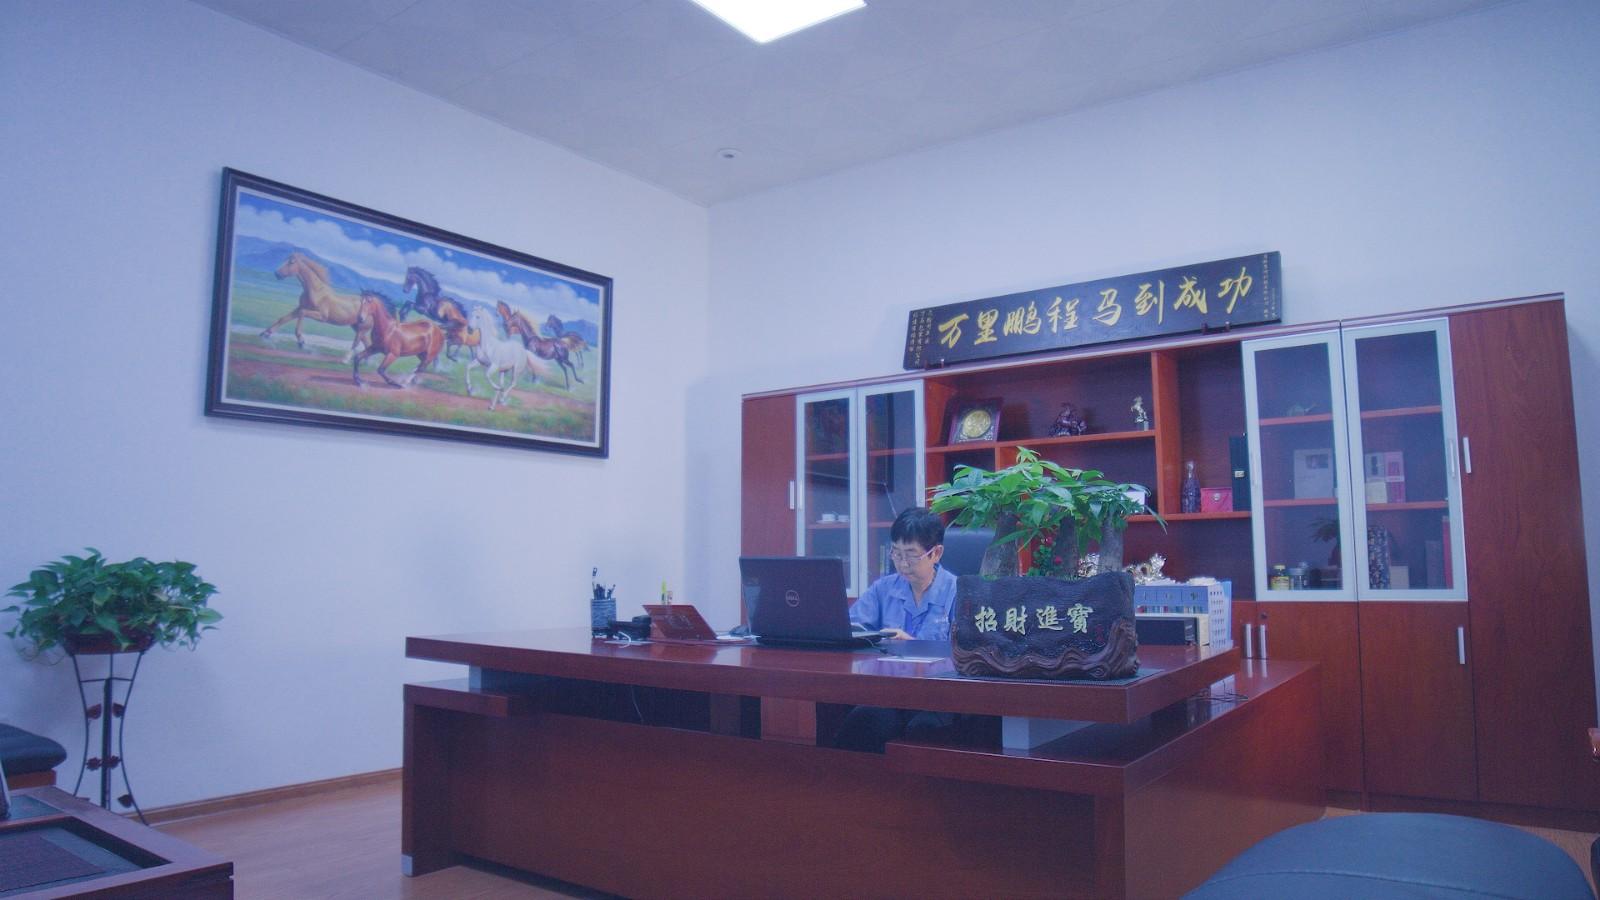 行政办公区 Administrative office area